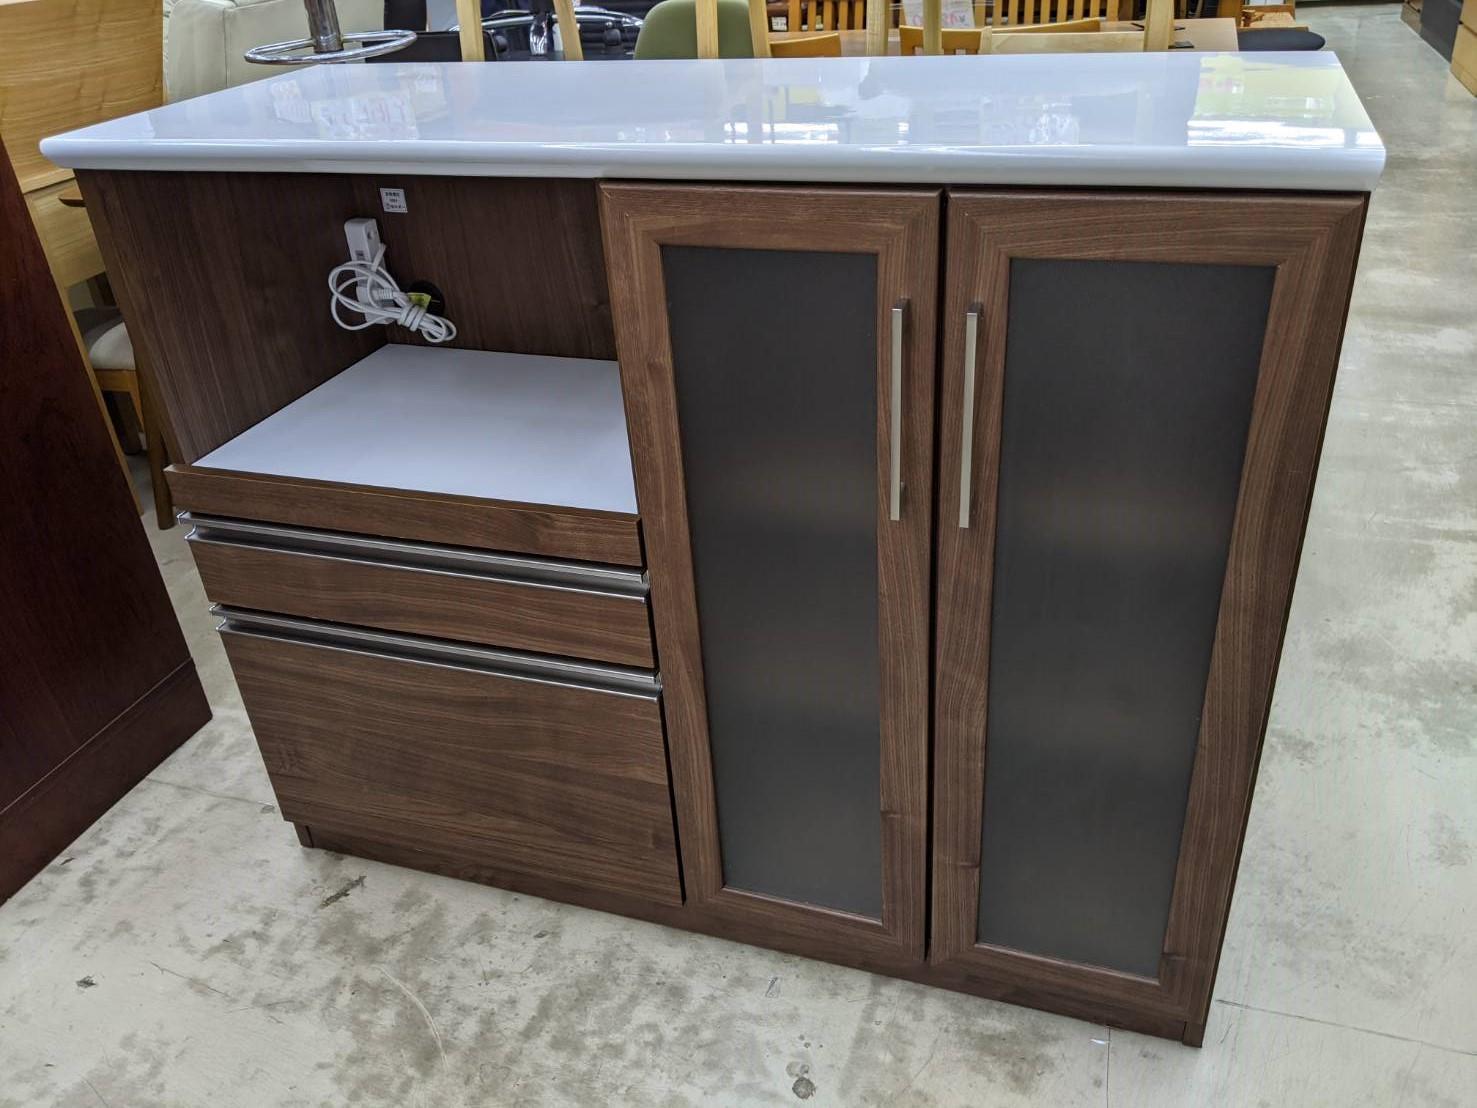 【CRAFT KOGA クラフトコガ キッチンカウンター マテリア(WN) レンジボード キッチン】を買取いたしました!の買取-